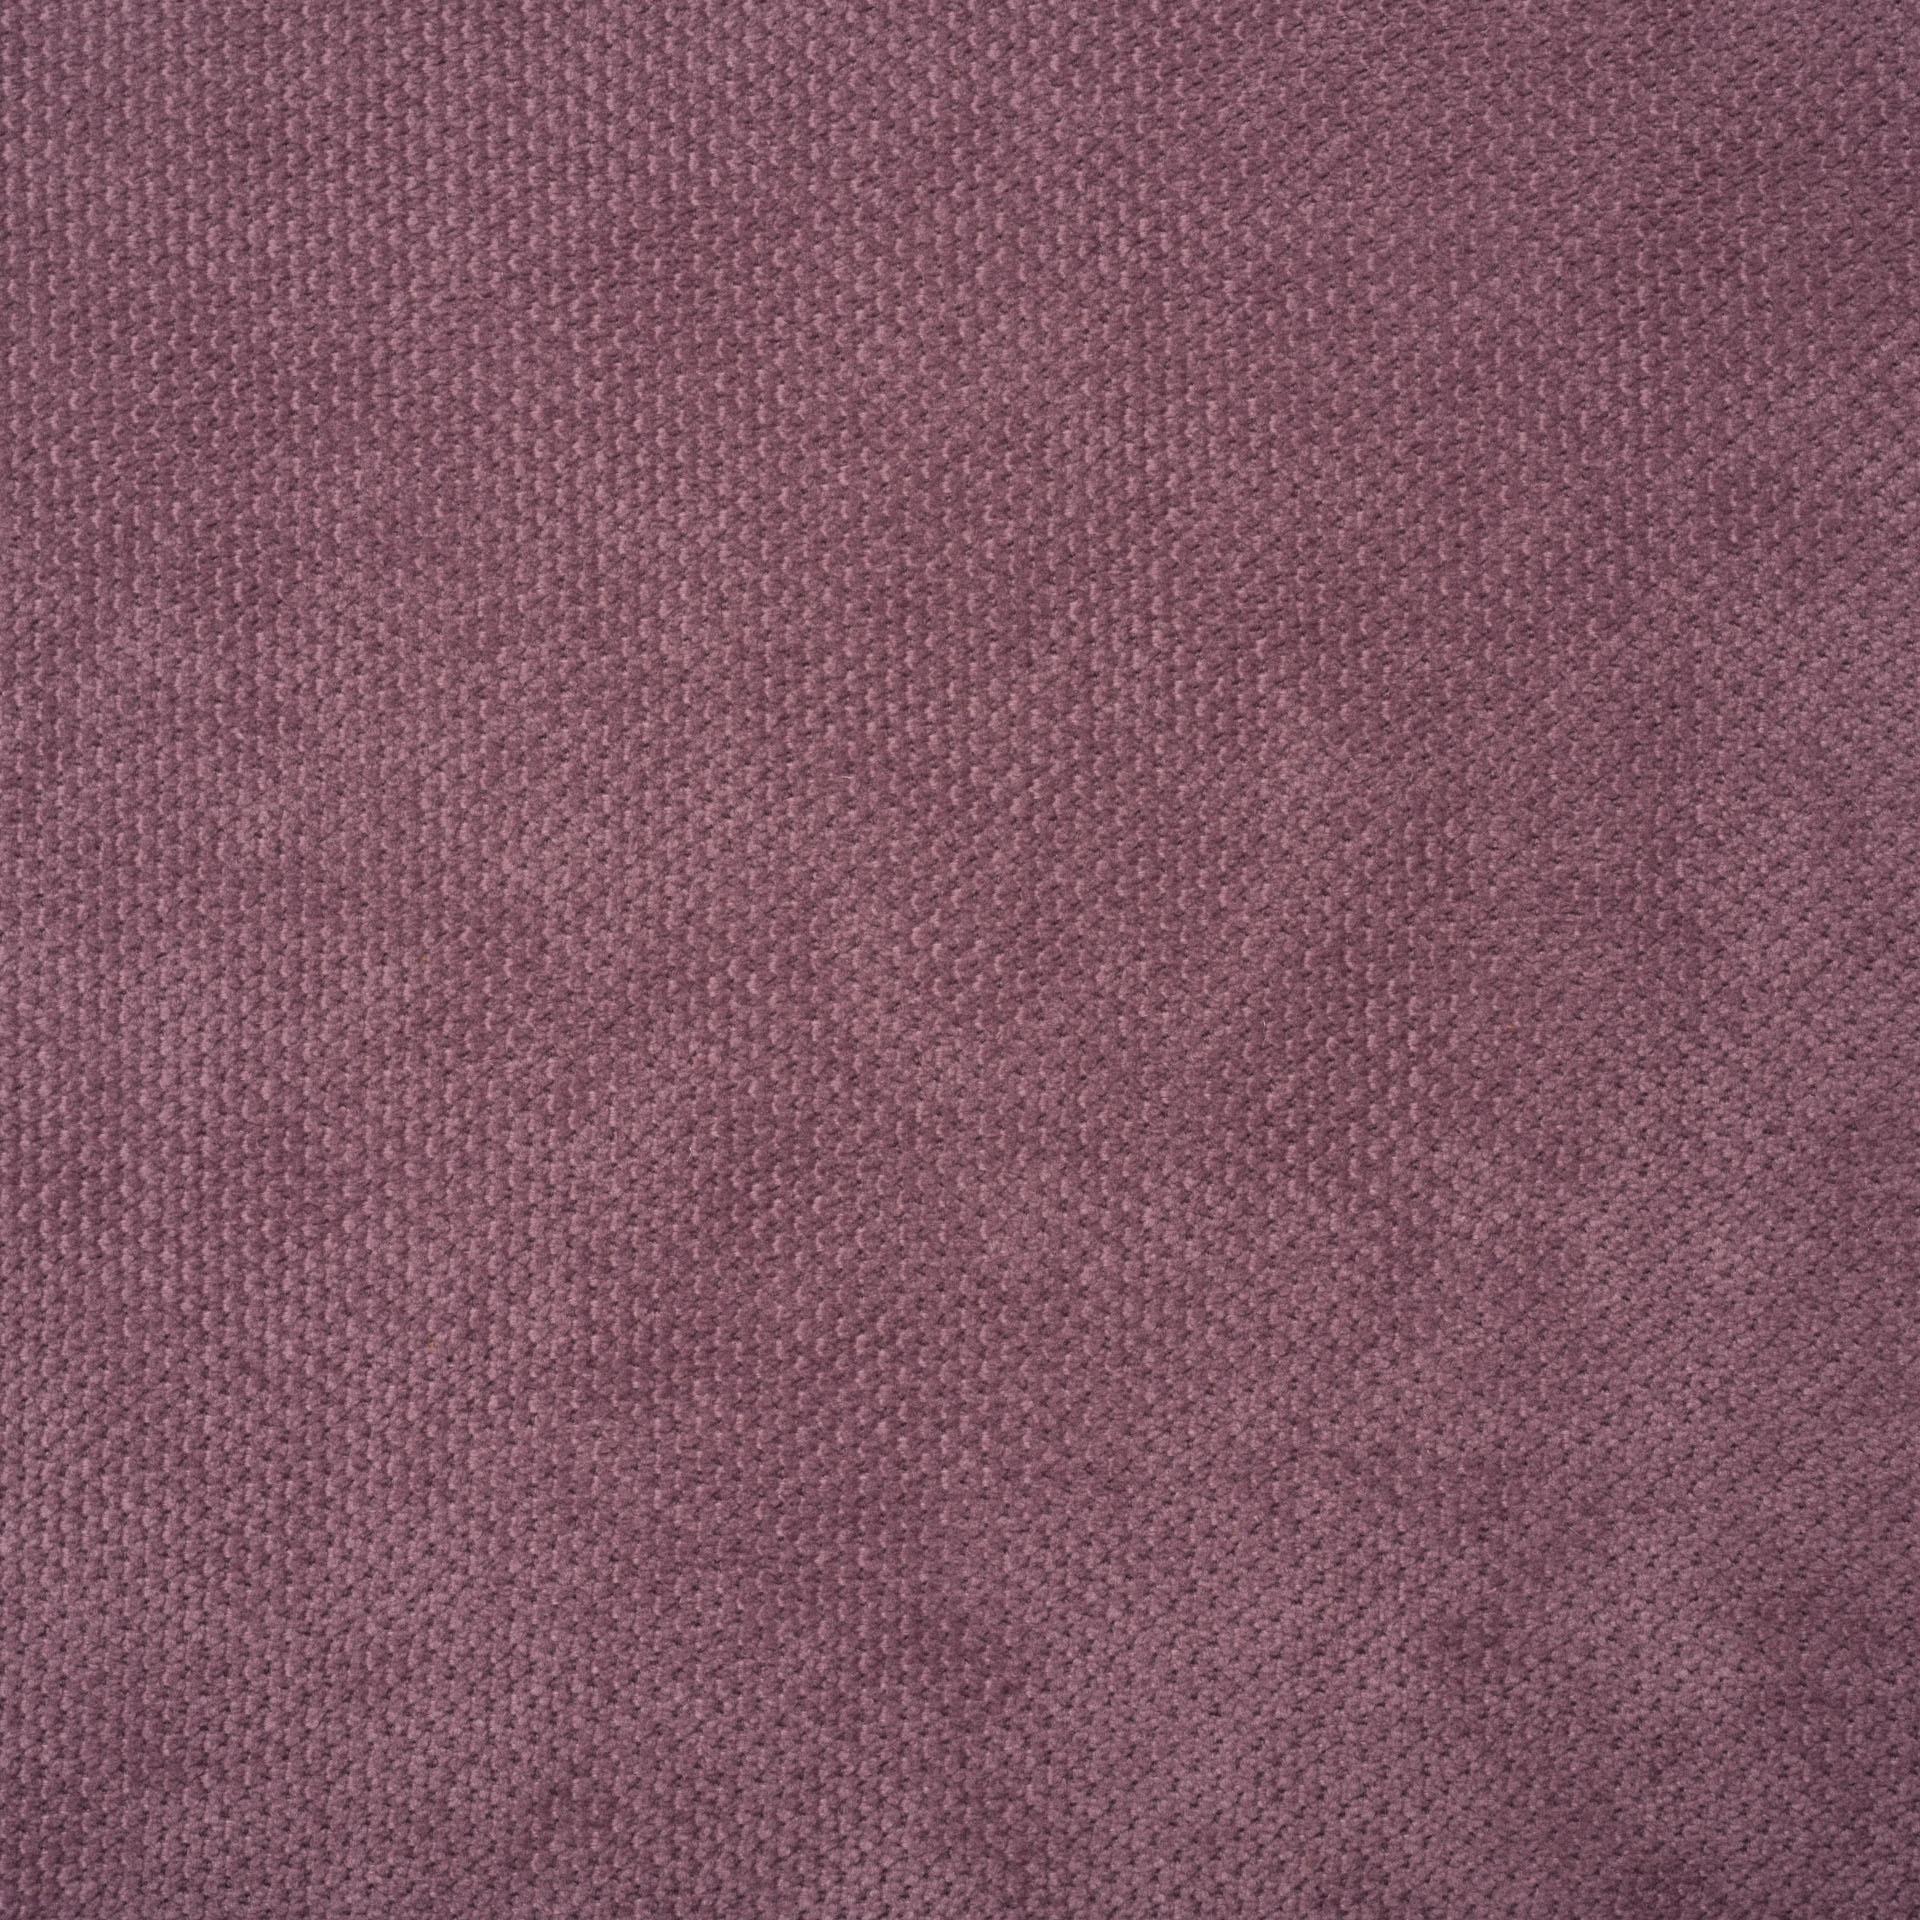 Коллекция ткани Дели 11 LAVANDA,  купить ткань Жаккард для мебели Украина